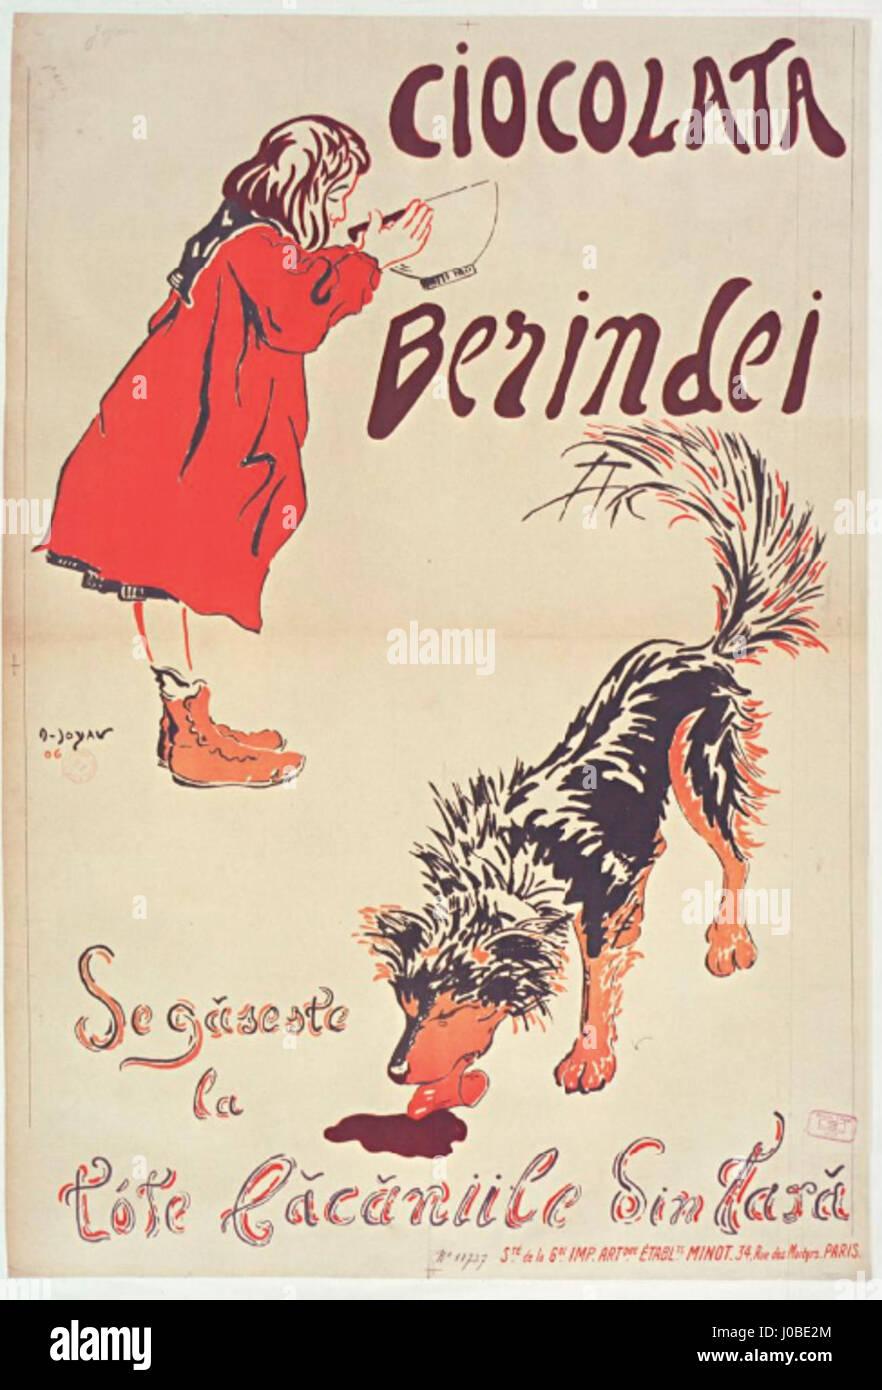 Amédée Joyau Ciocolata Berindei póster Foto de stock